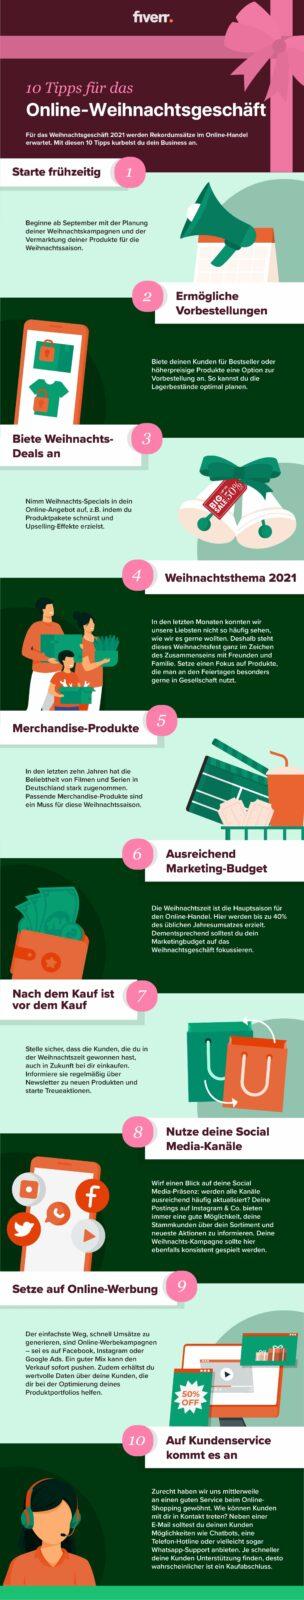 Infografik Weihnachtsgeschäft vorbereiten: 10 Tipps für deinen Online-Shop